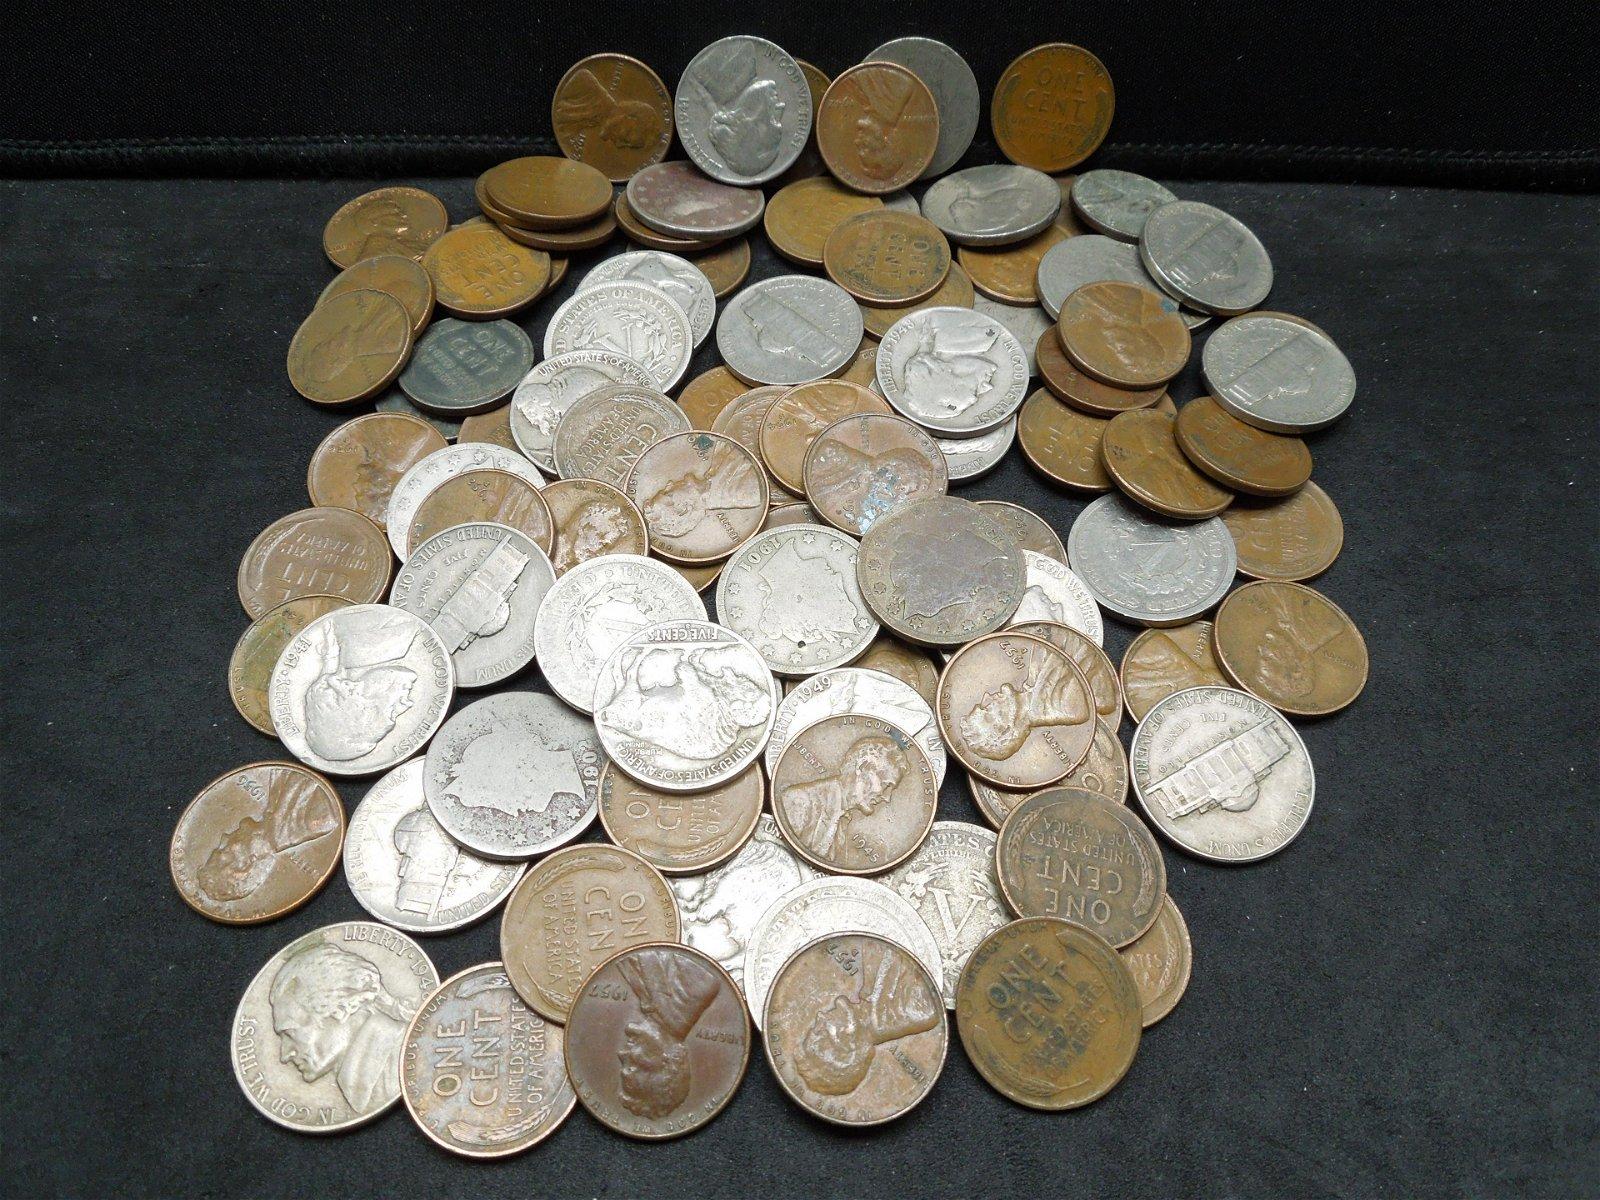 100 Coin Grab Bag - Buffalo Nickels, Liberty Head V